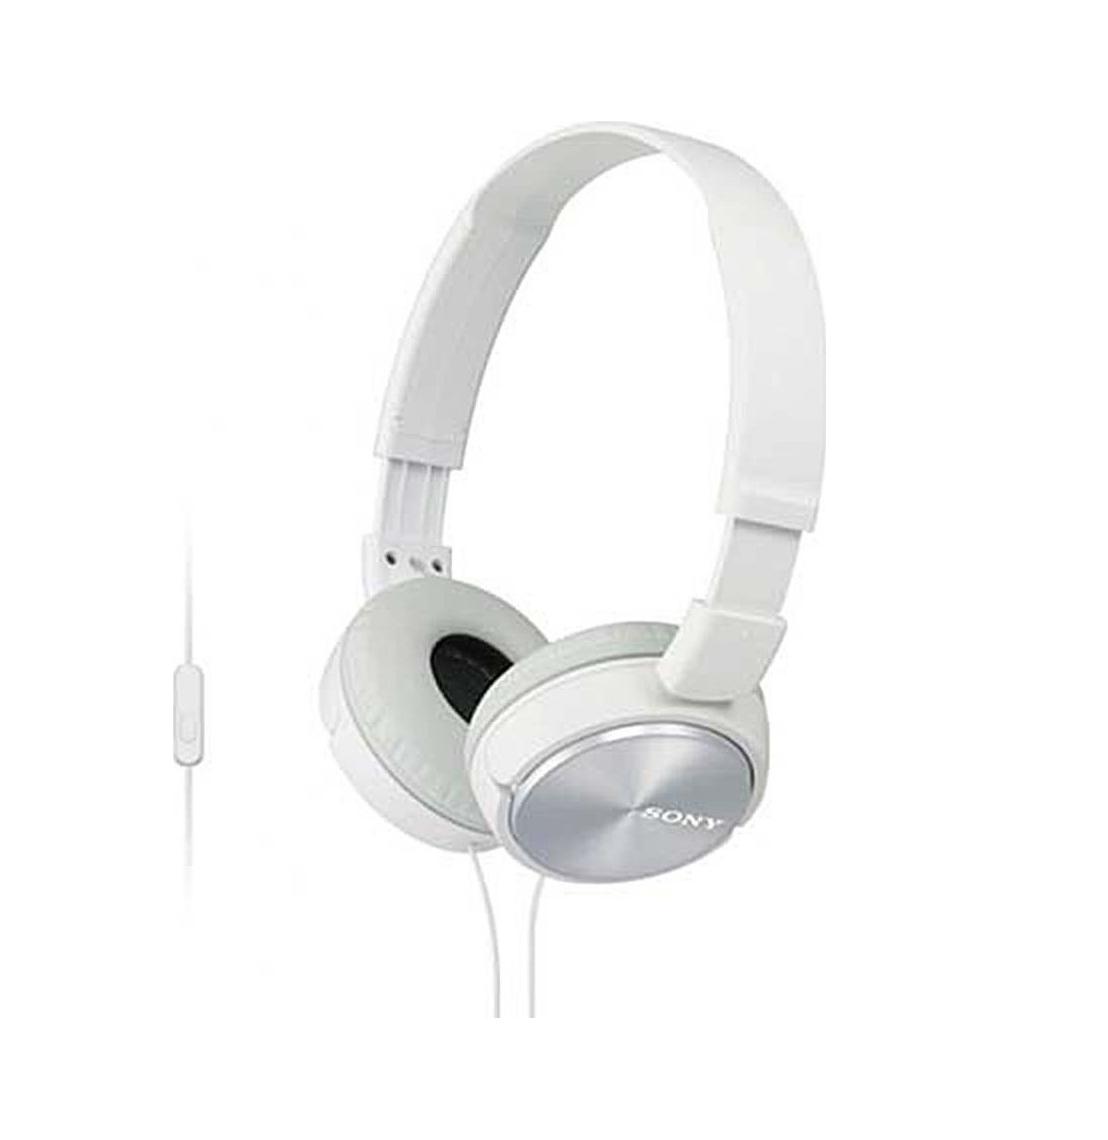 Sony MDR-ZX310APW On-Ear Headphones White